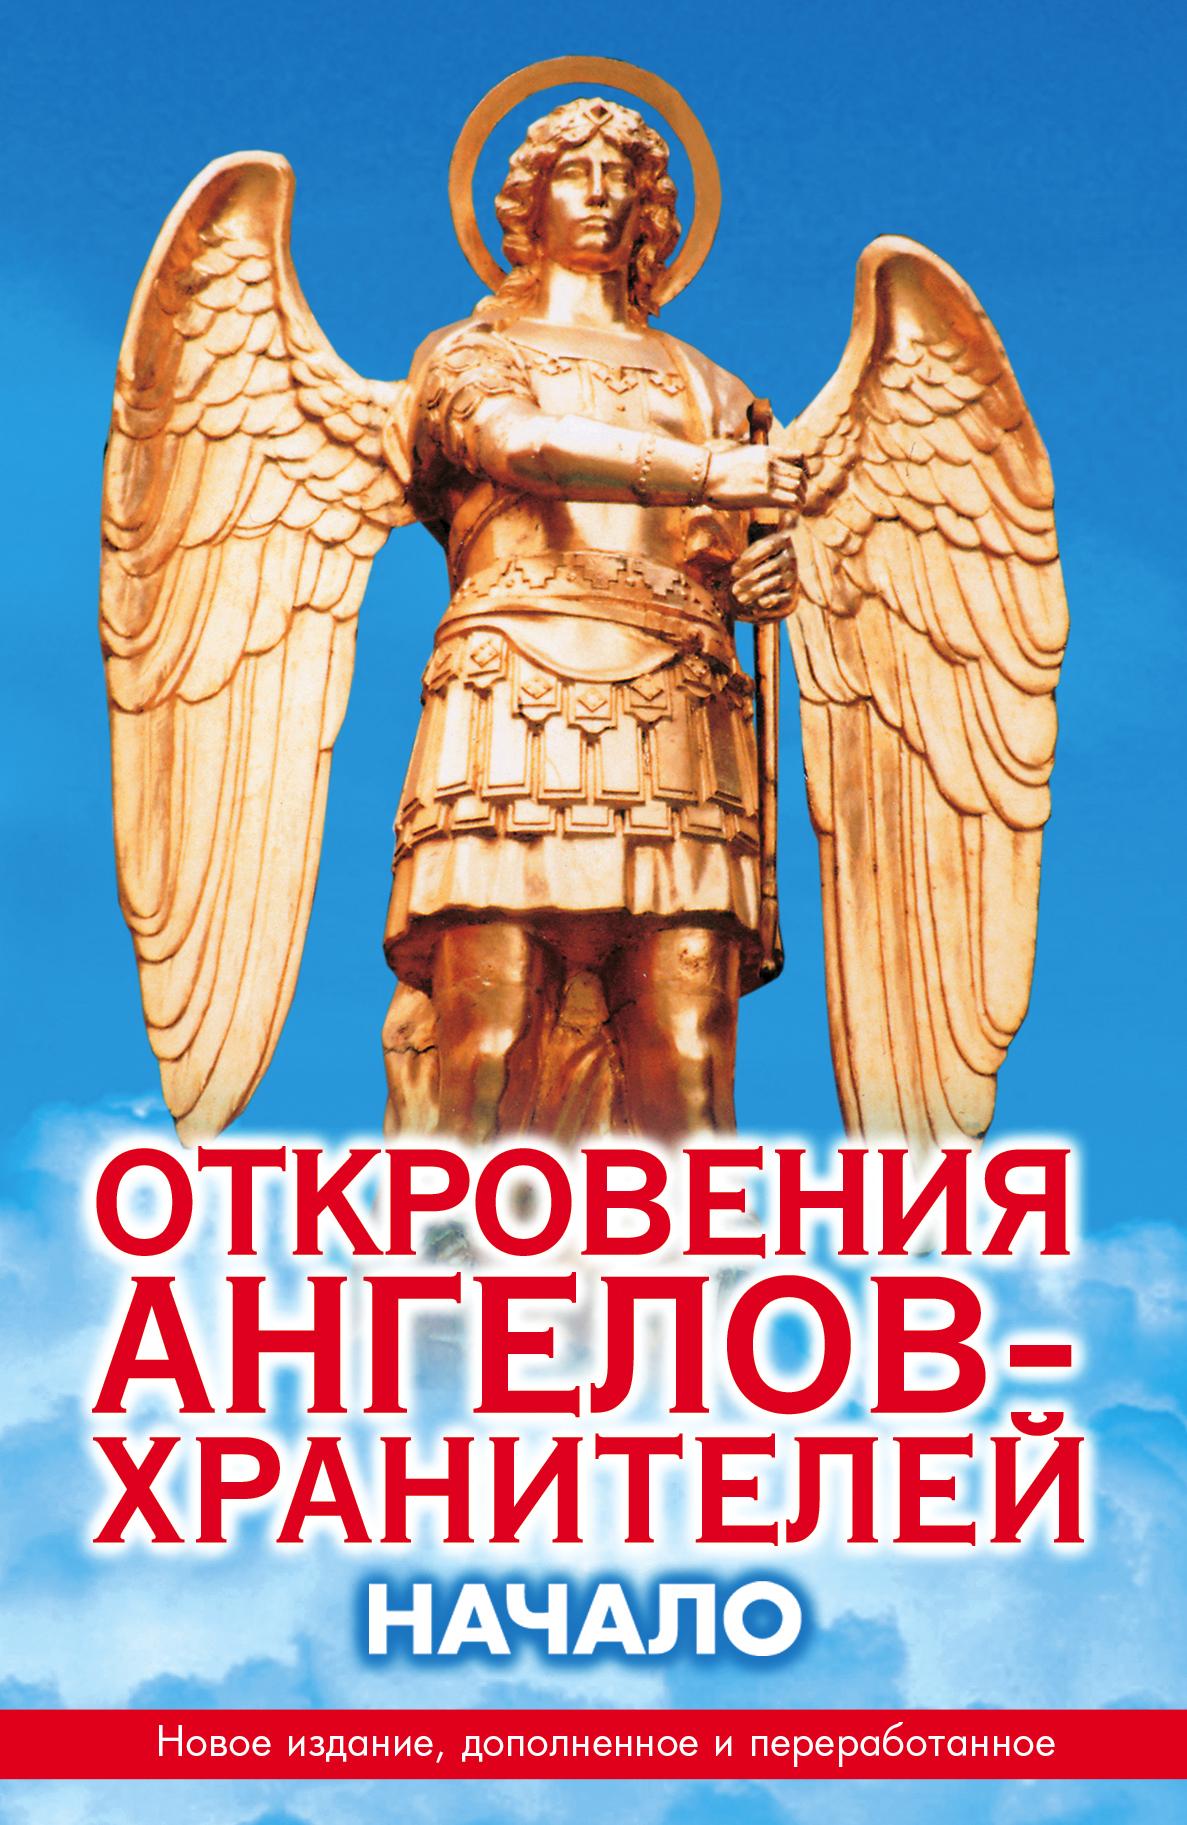 Гарифзянов Р.И. Откровения ангелов-хранителей. Начало гарифзянов р панова л откровения ангелов хранителей приметы и суеверия